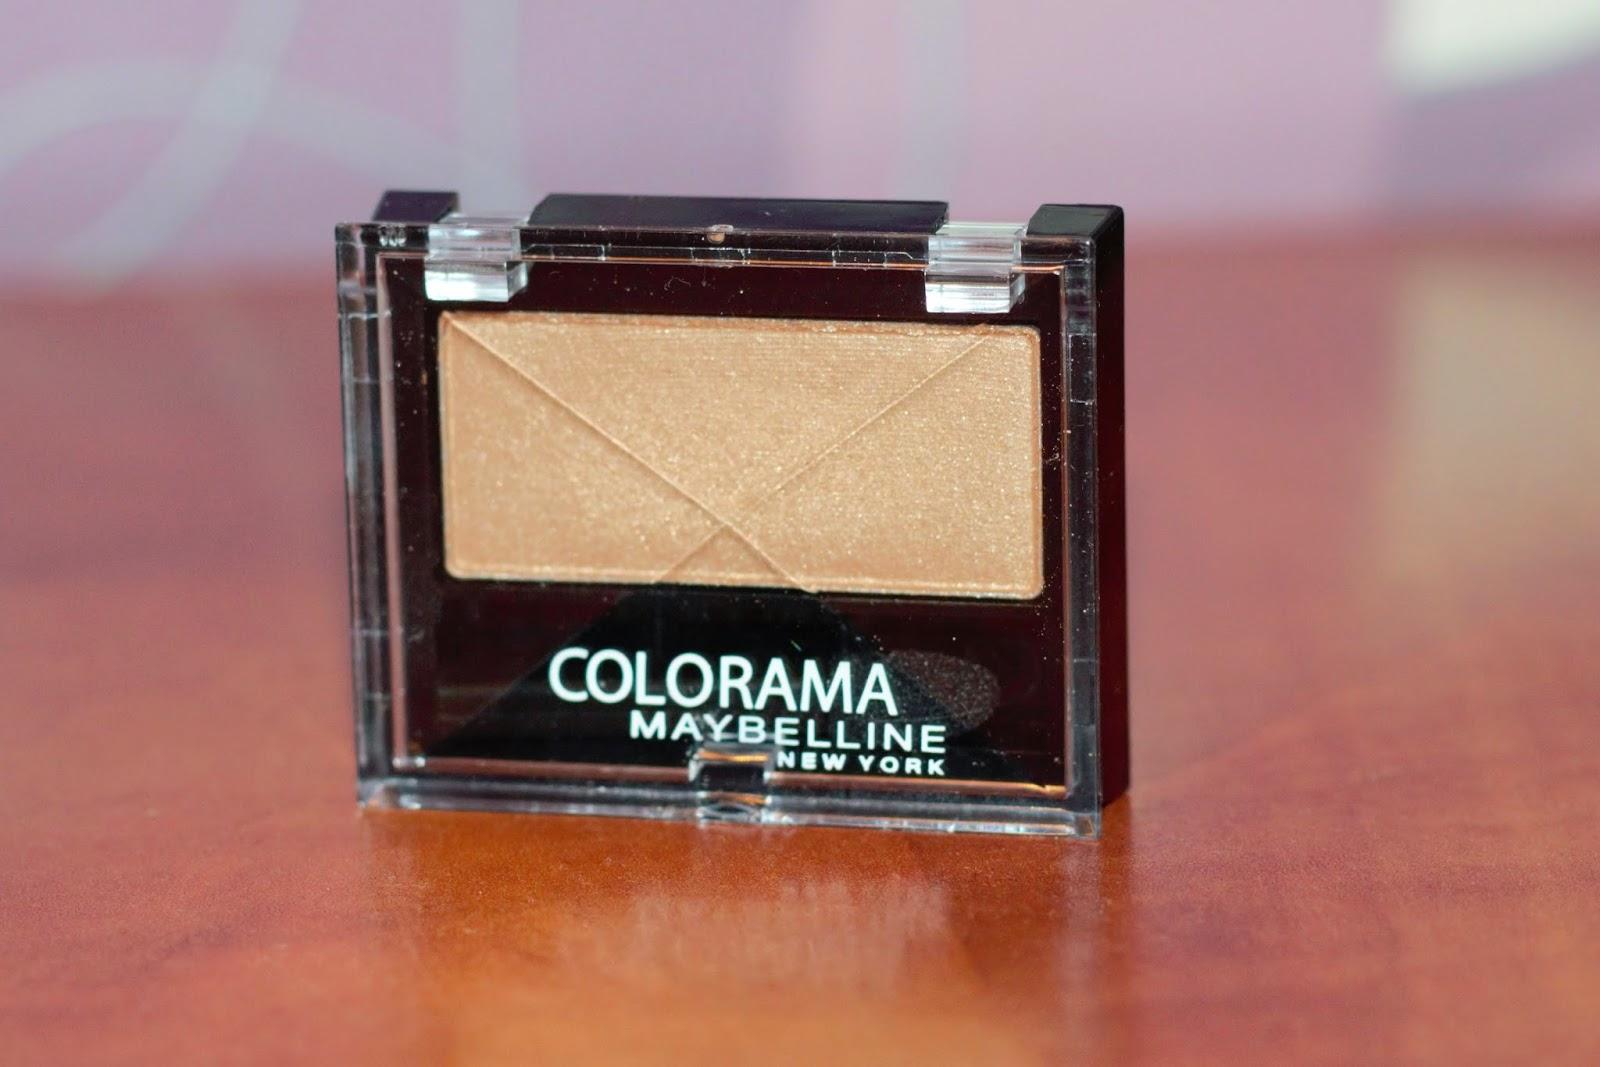 Colorama Shadow